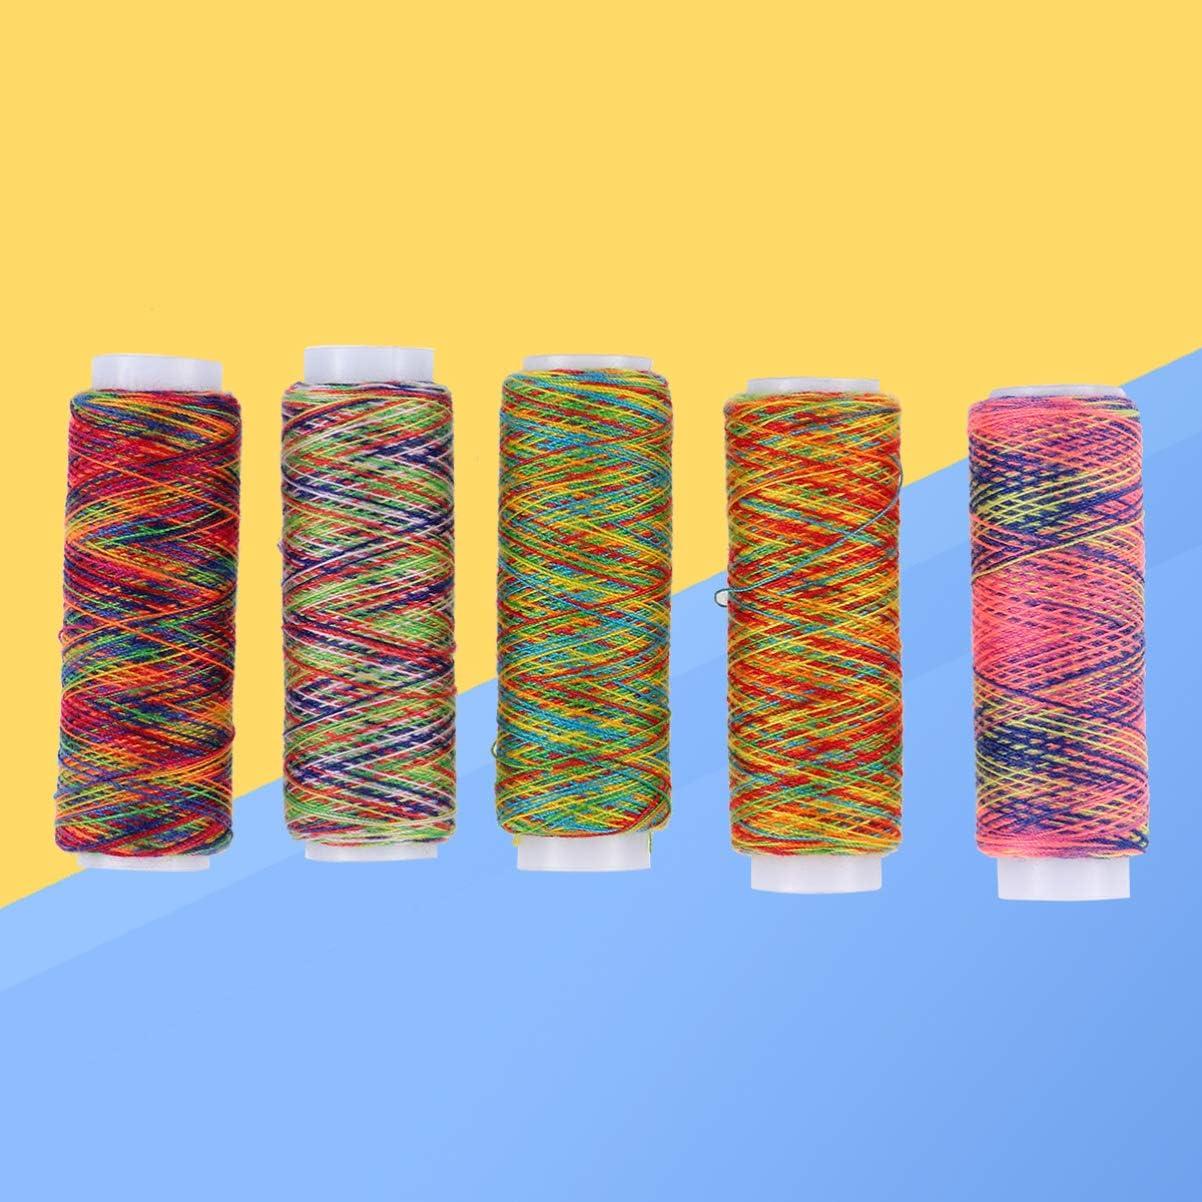 Artibest 5 rollos de hilo de coser de alta resistencia para bordar bordados para m/áquina de coser Overlock Quilting Bobina de hilo de coser de poli/éster